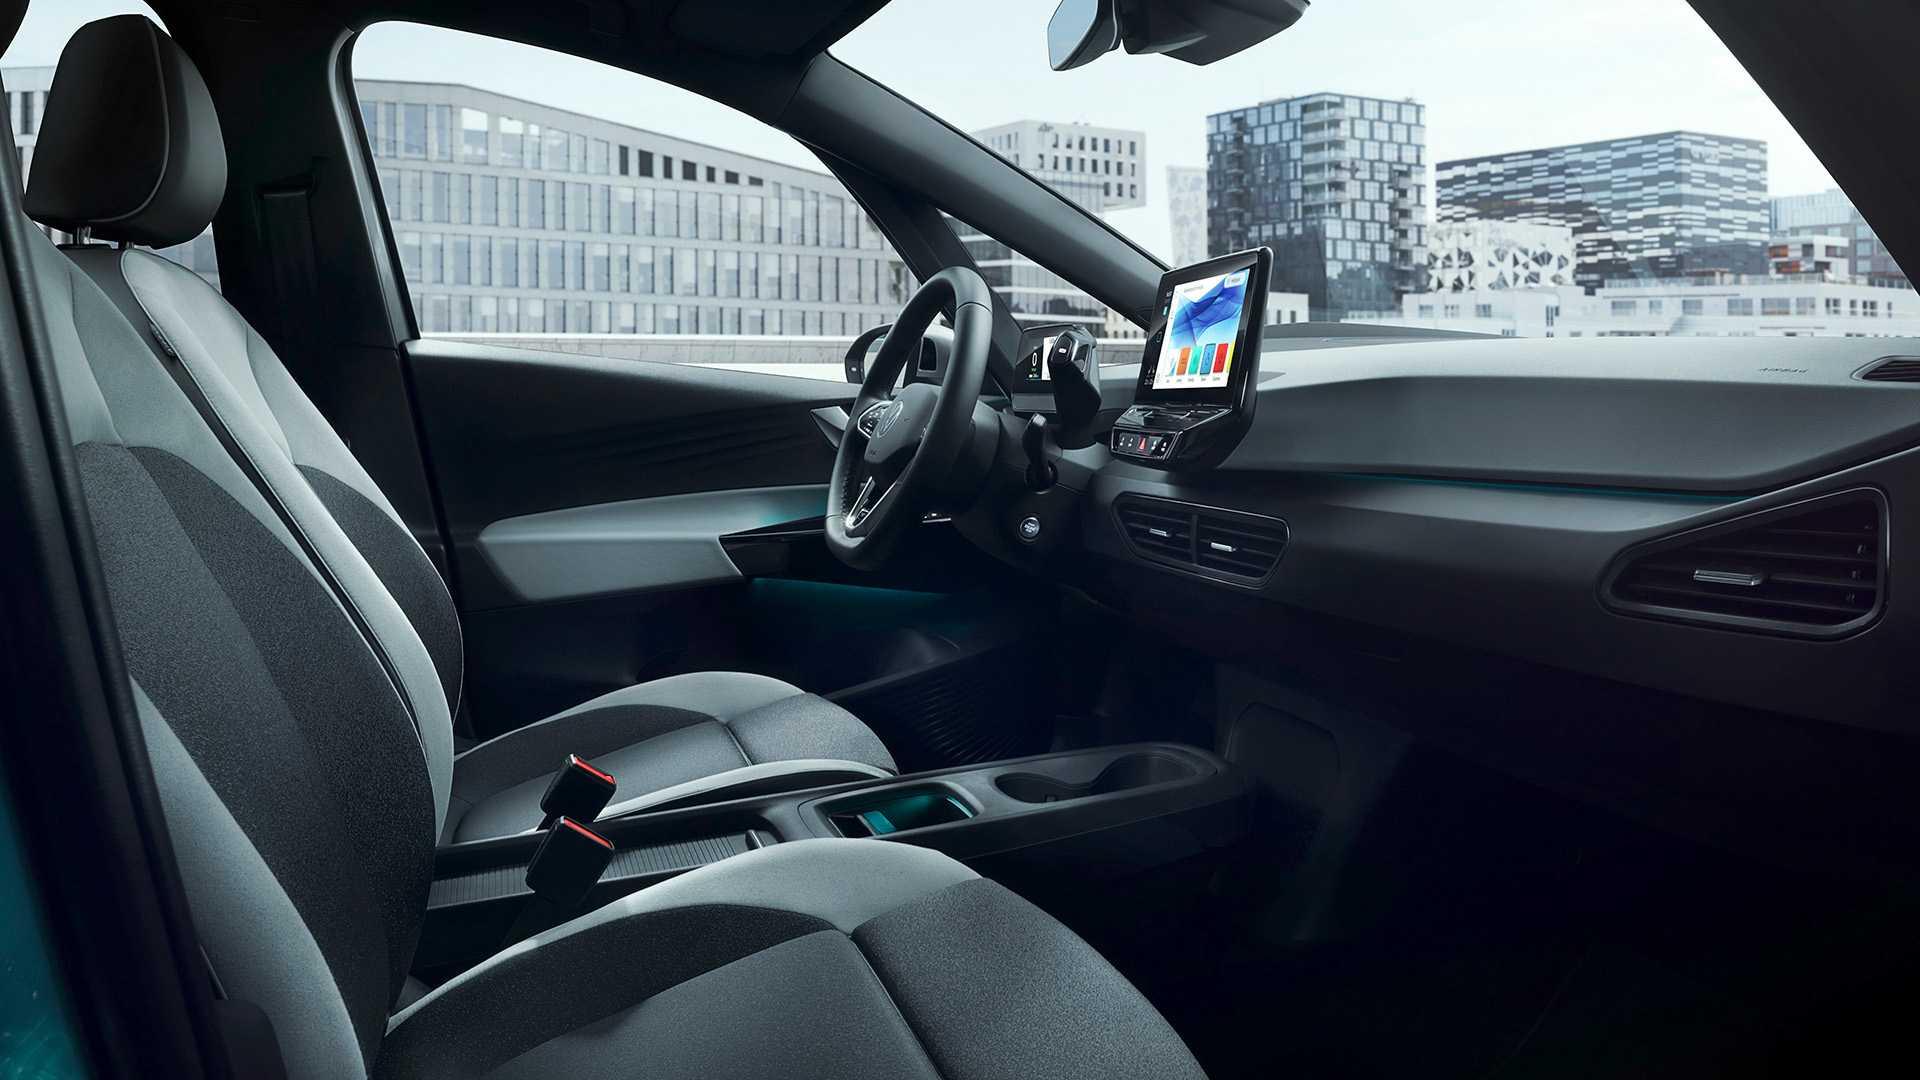 Xe điện Volkswagen ID.3 chính thức ra mắt - 10